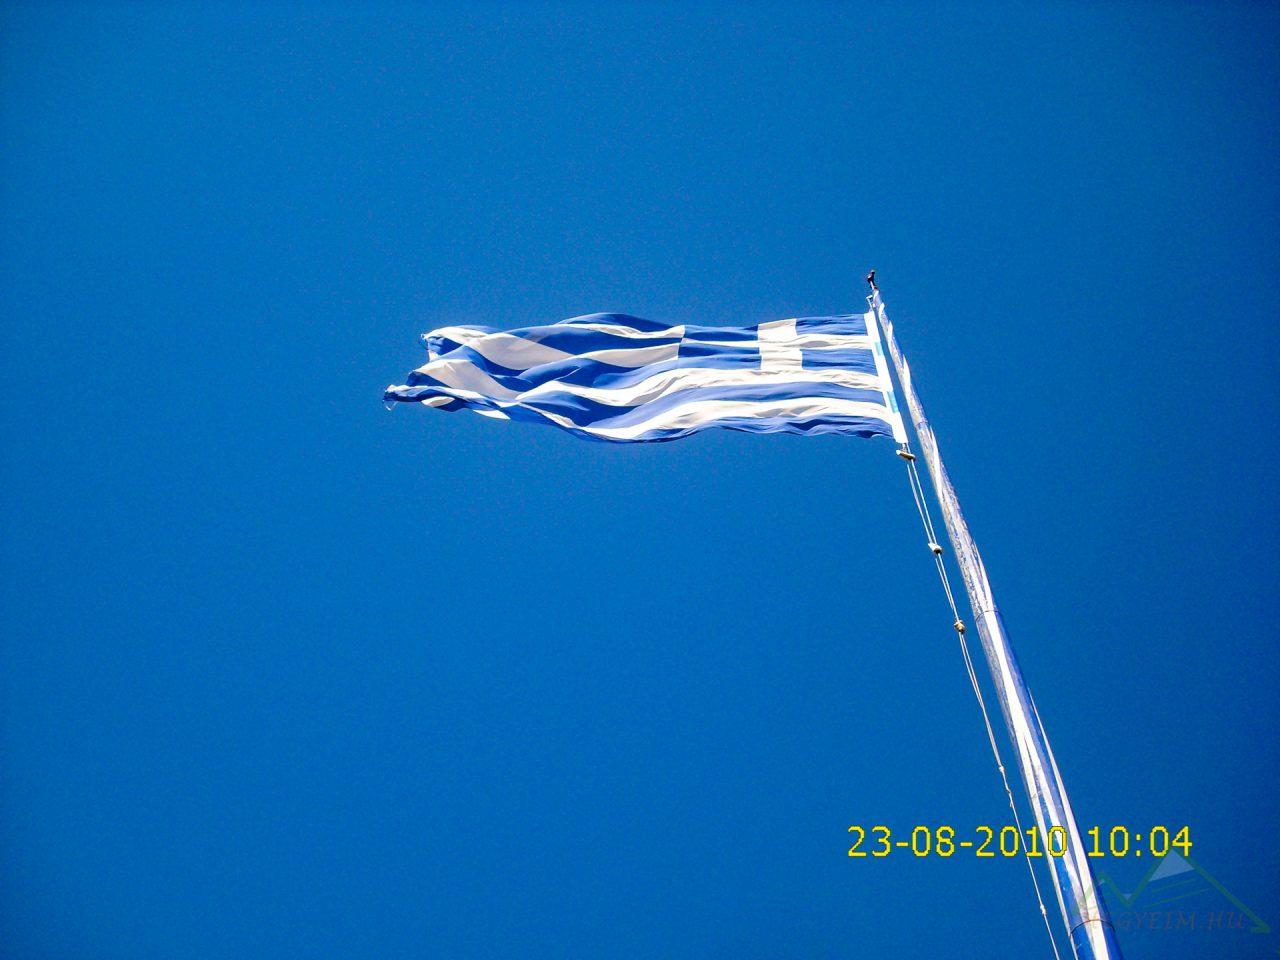 Keri világítótorony, Görögország legnagyobb zászlaja